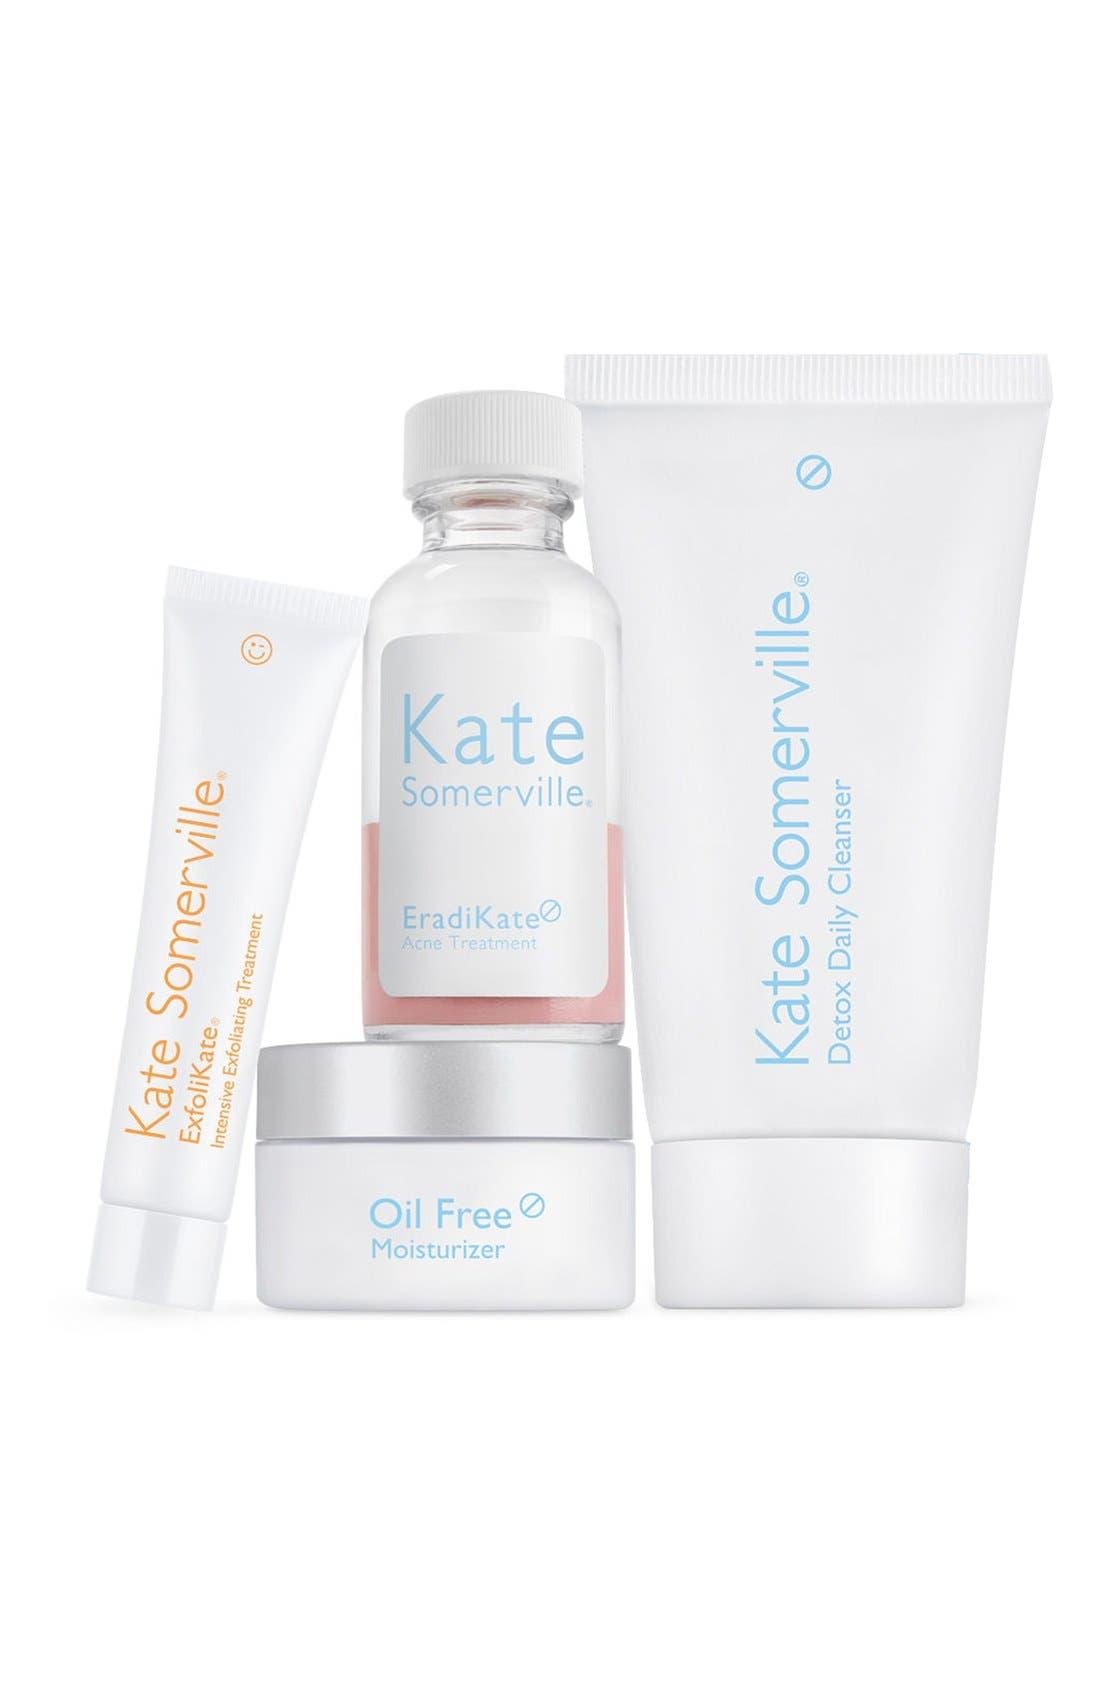 Kate Somerville® Blemish Banisher Kit ($76 Value)